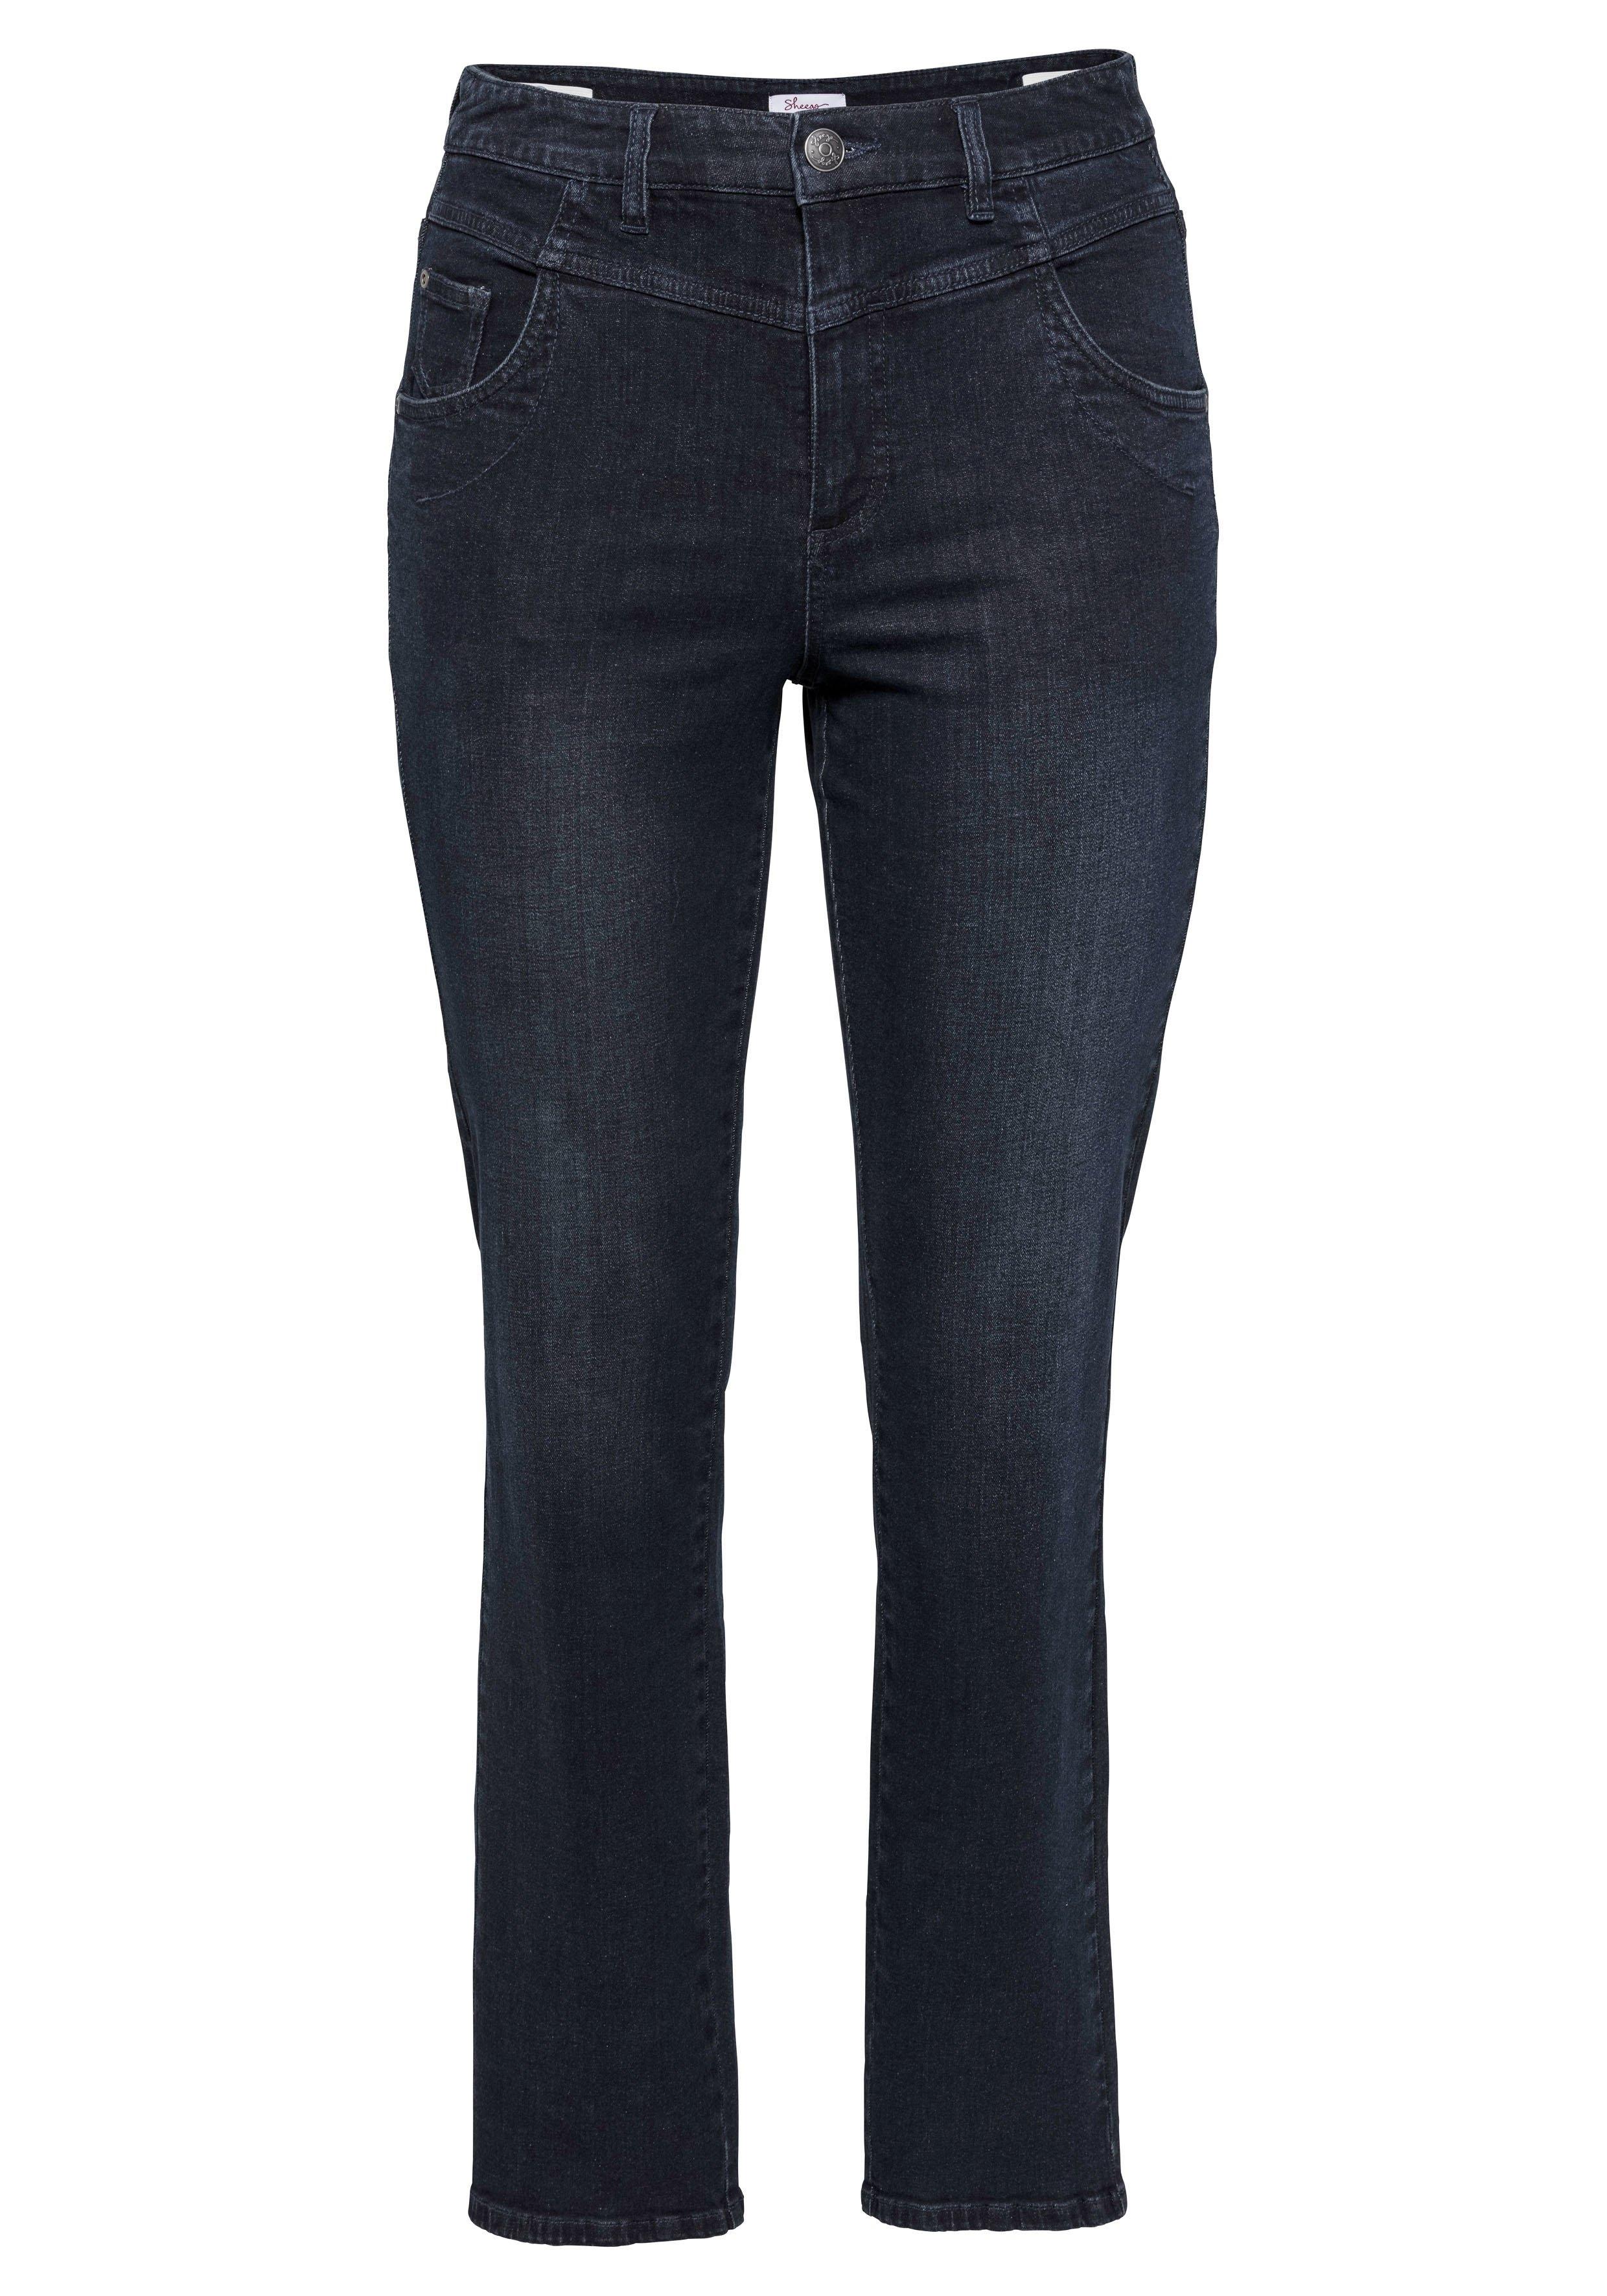 Sheego rechte jeans - gratis ruilen op otto.nl